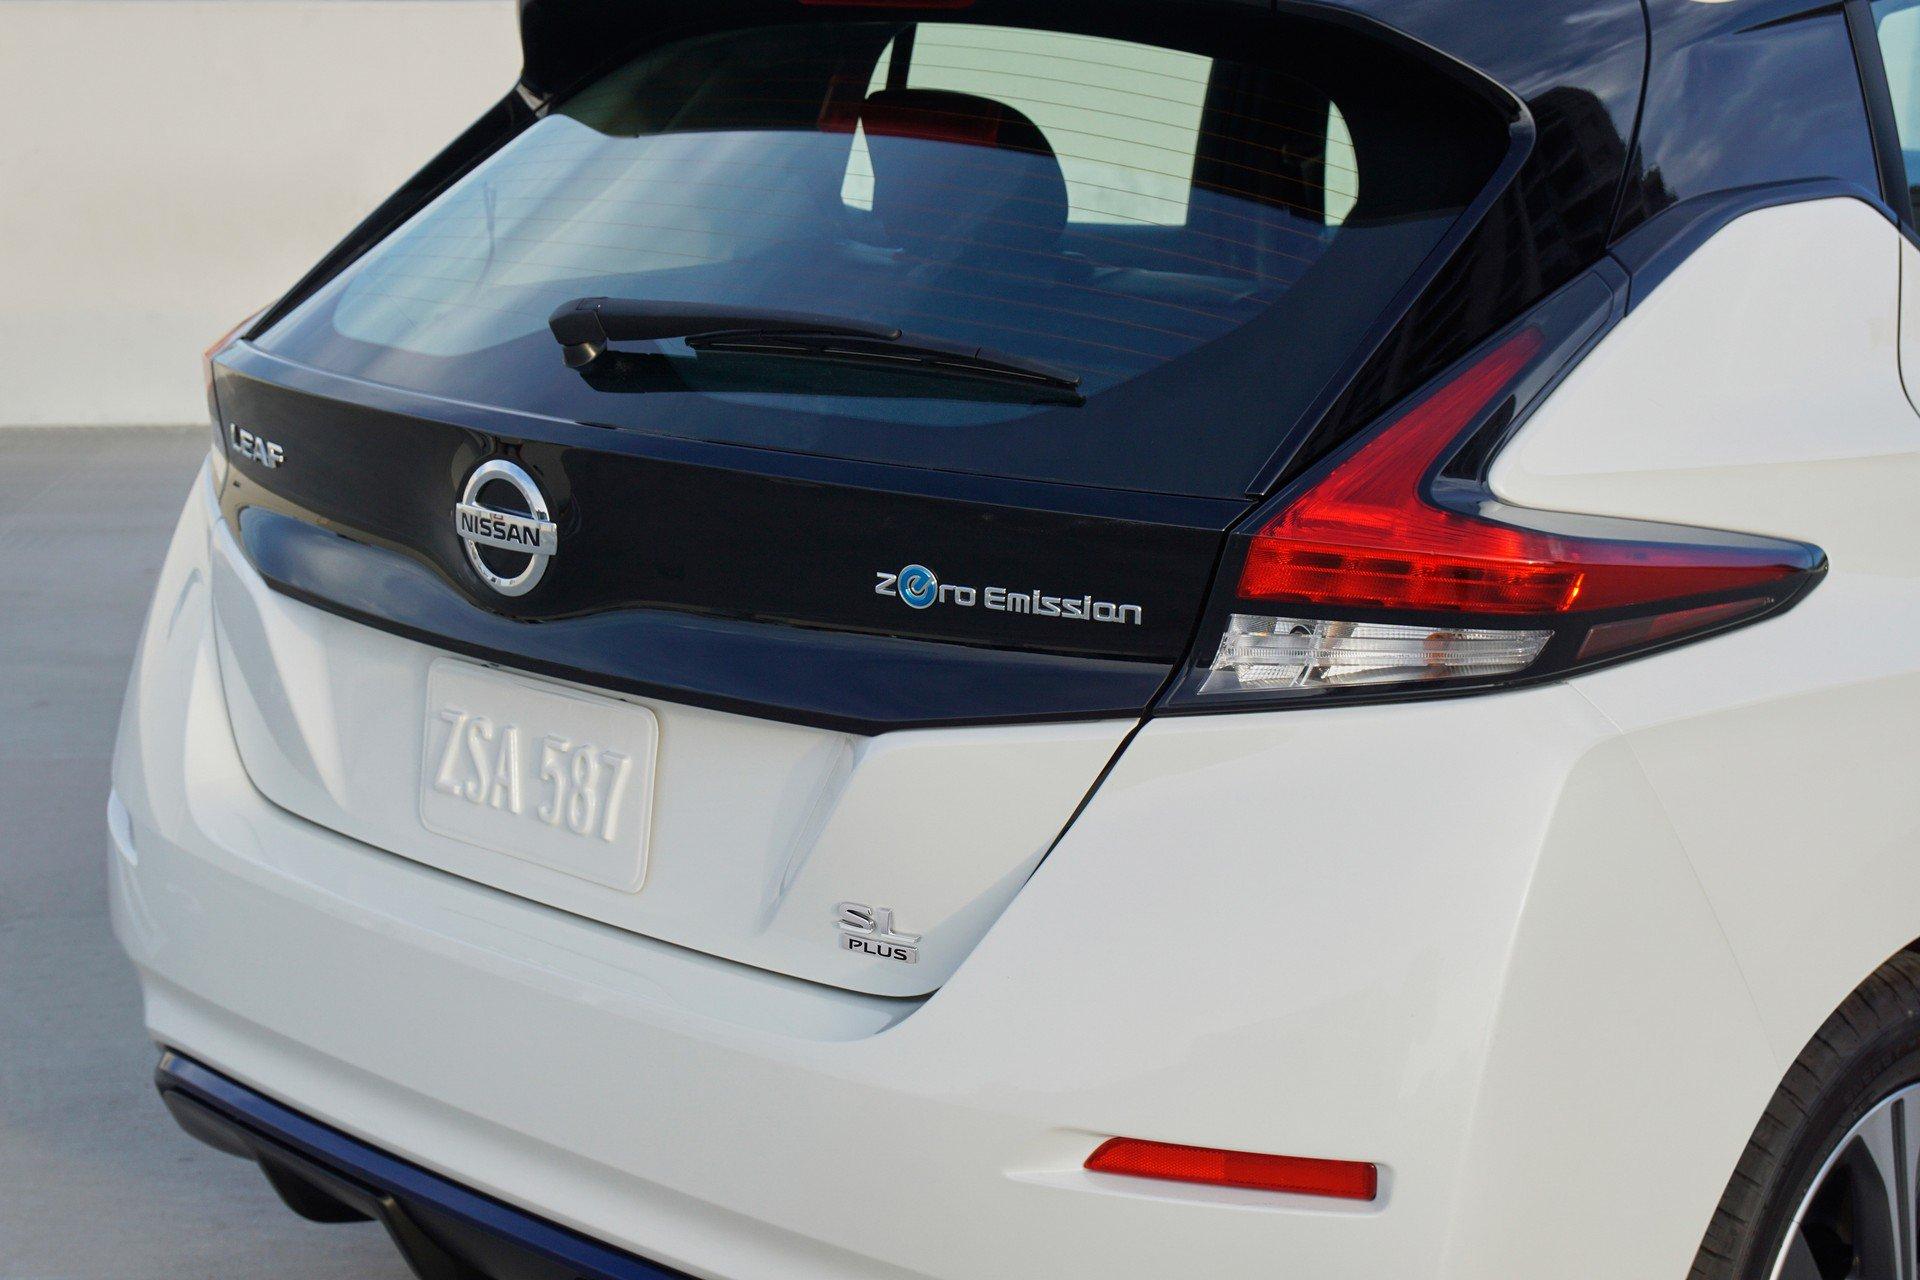 نیسان لیف E+ جدید، 360 کیلومتر تنها با یک شارژ +تصاویر